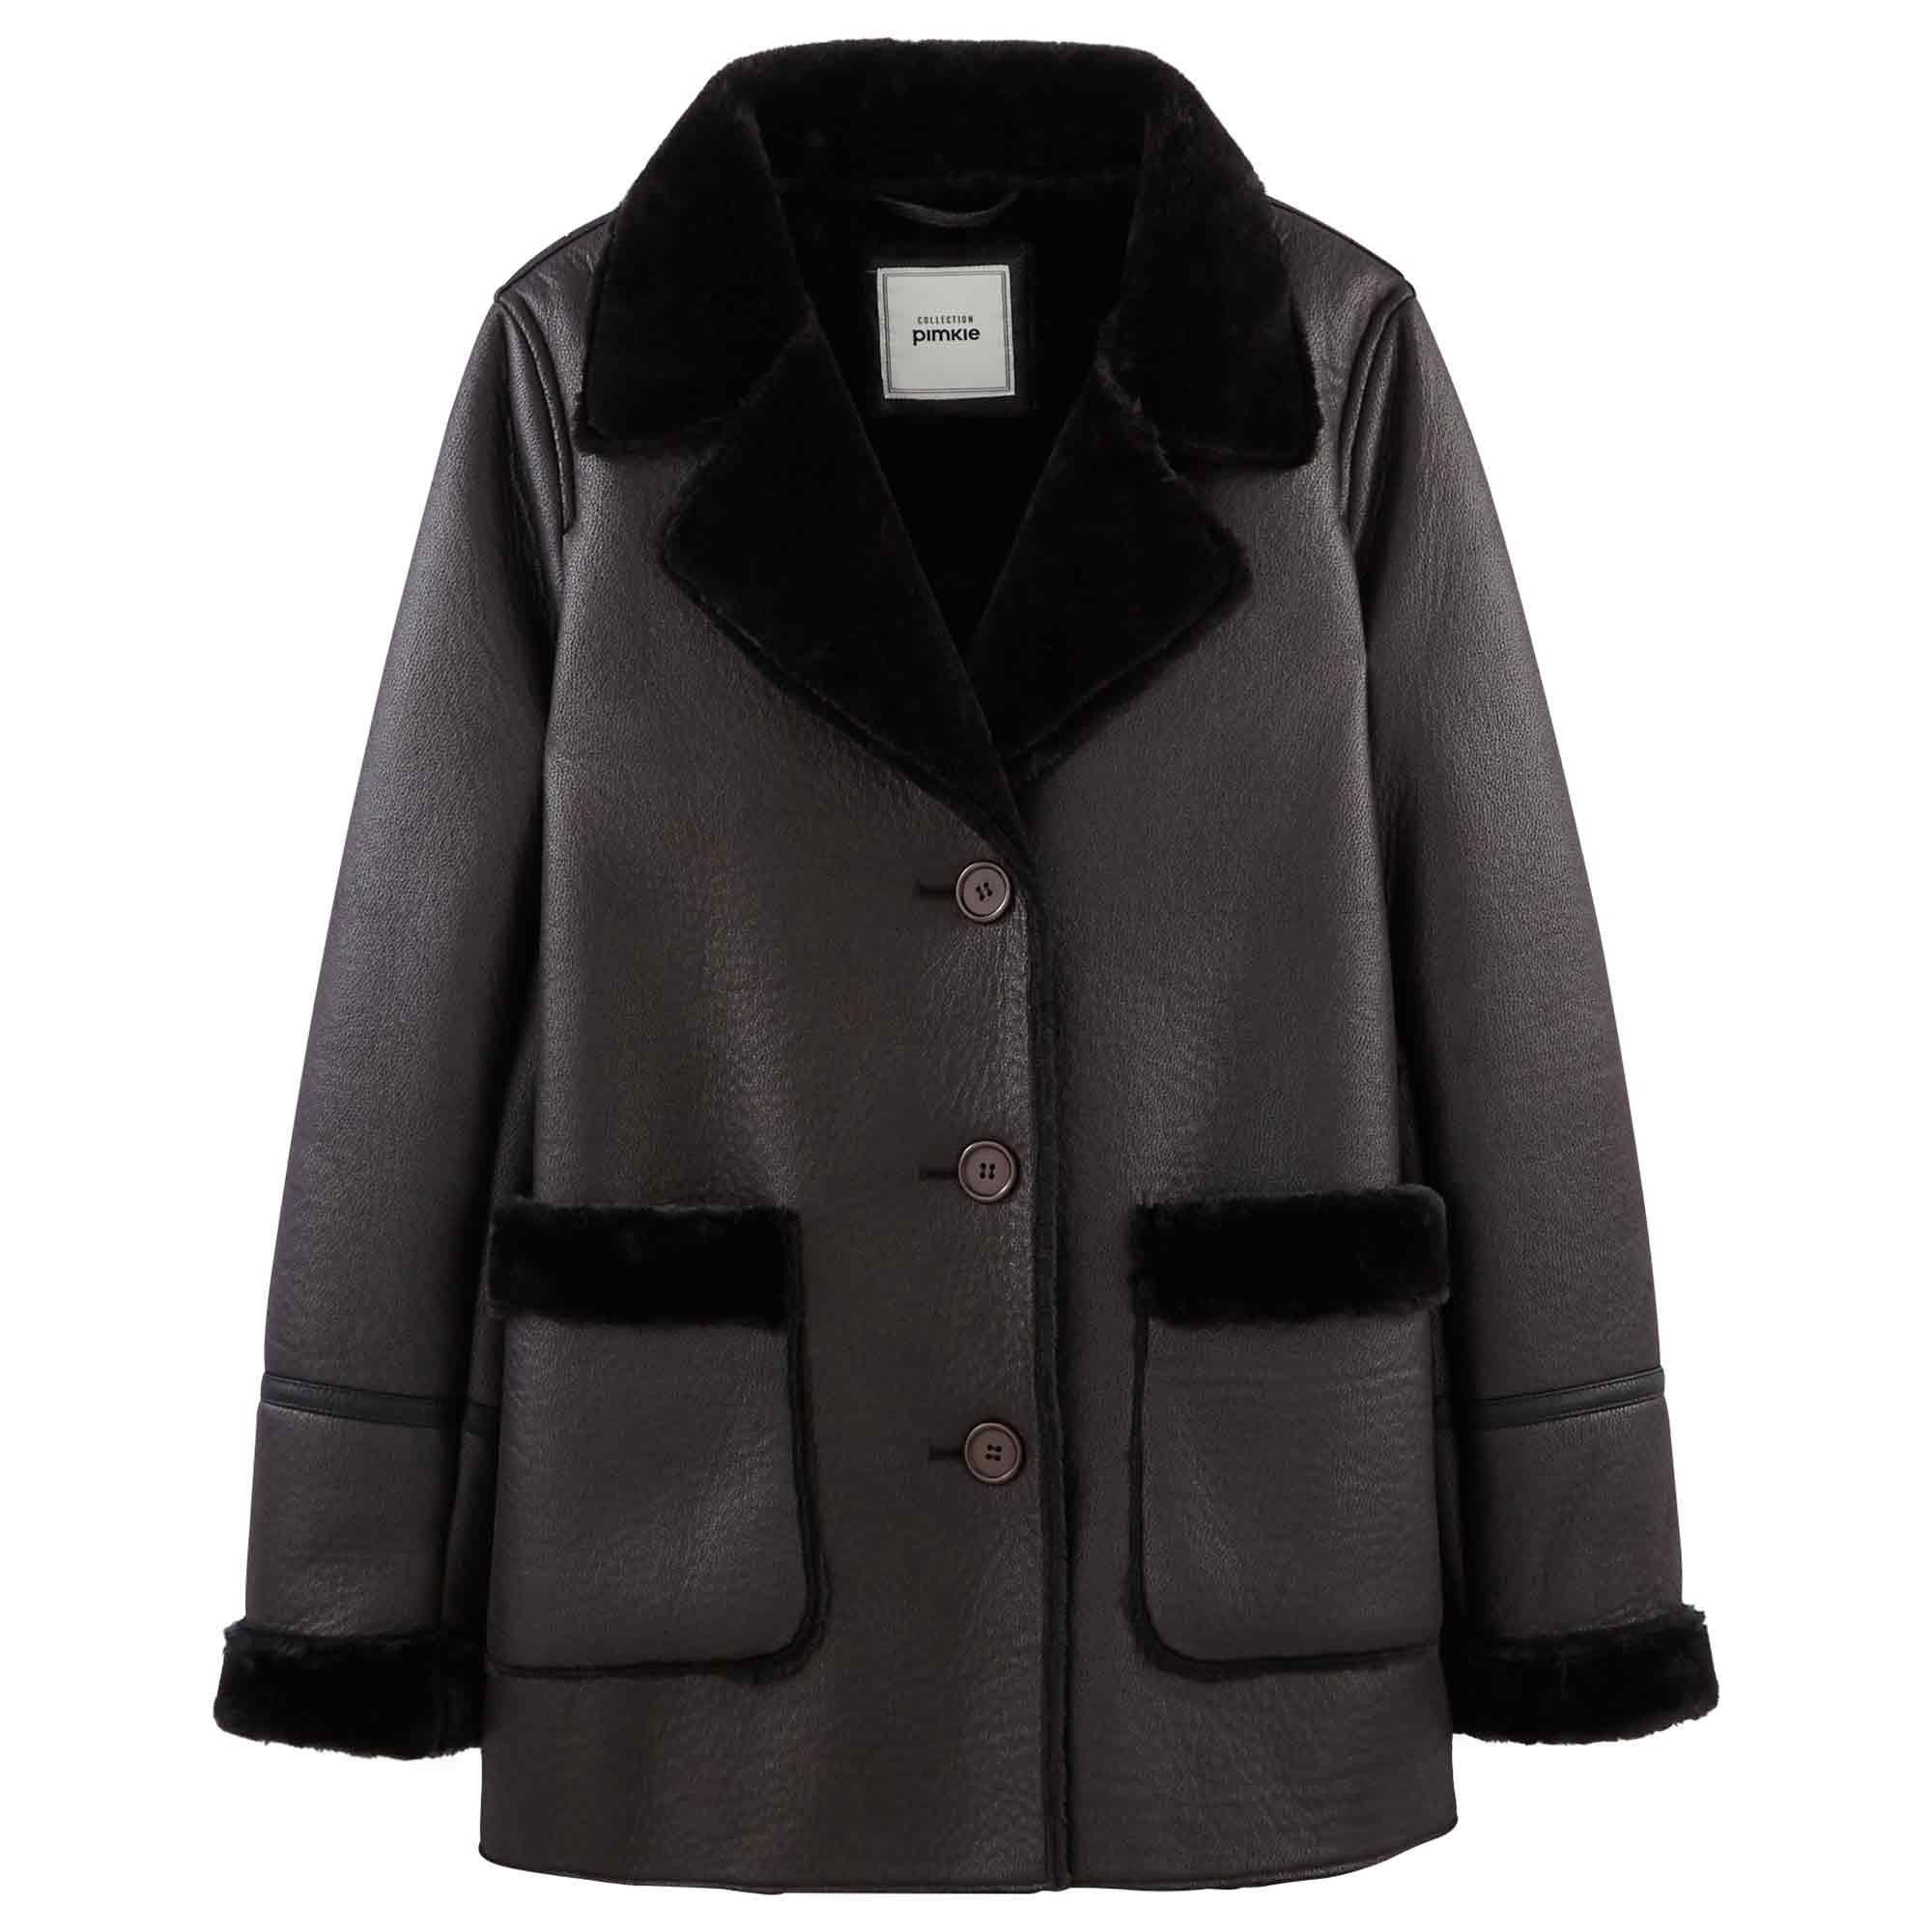 Manteaux tendance automne hiver 2015 2016 un manteau new look